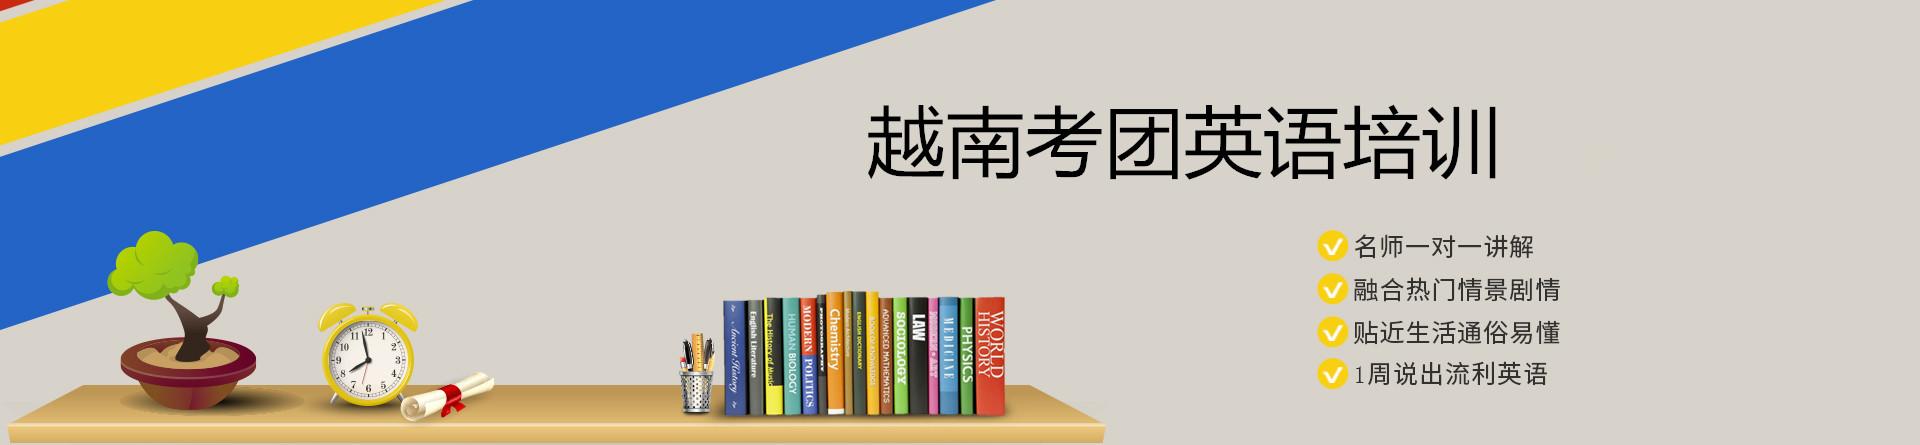 北京崇文门韦博英语培训学校